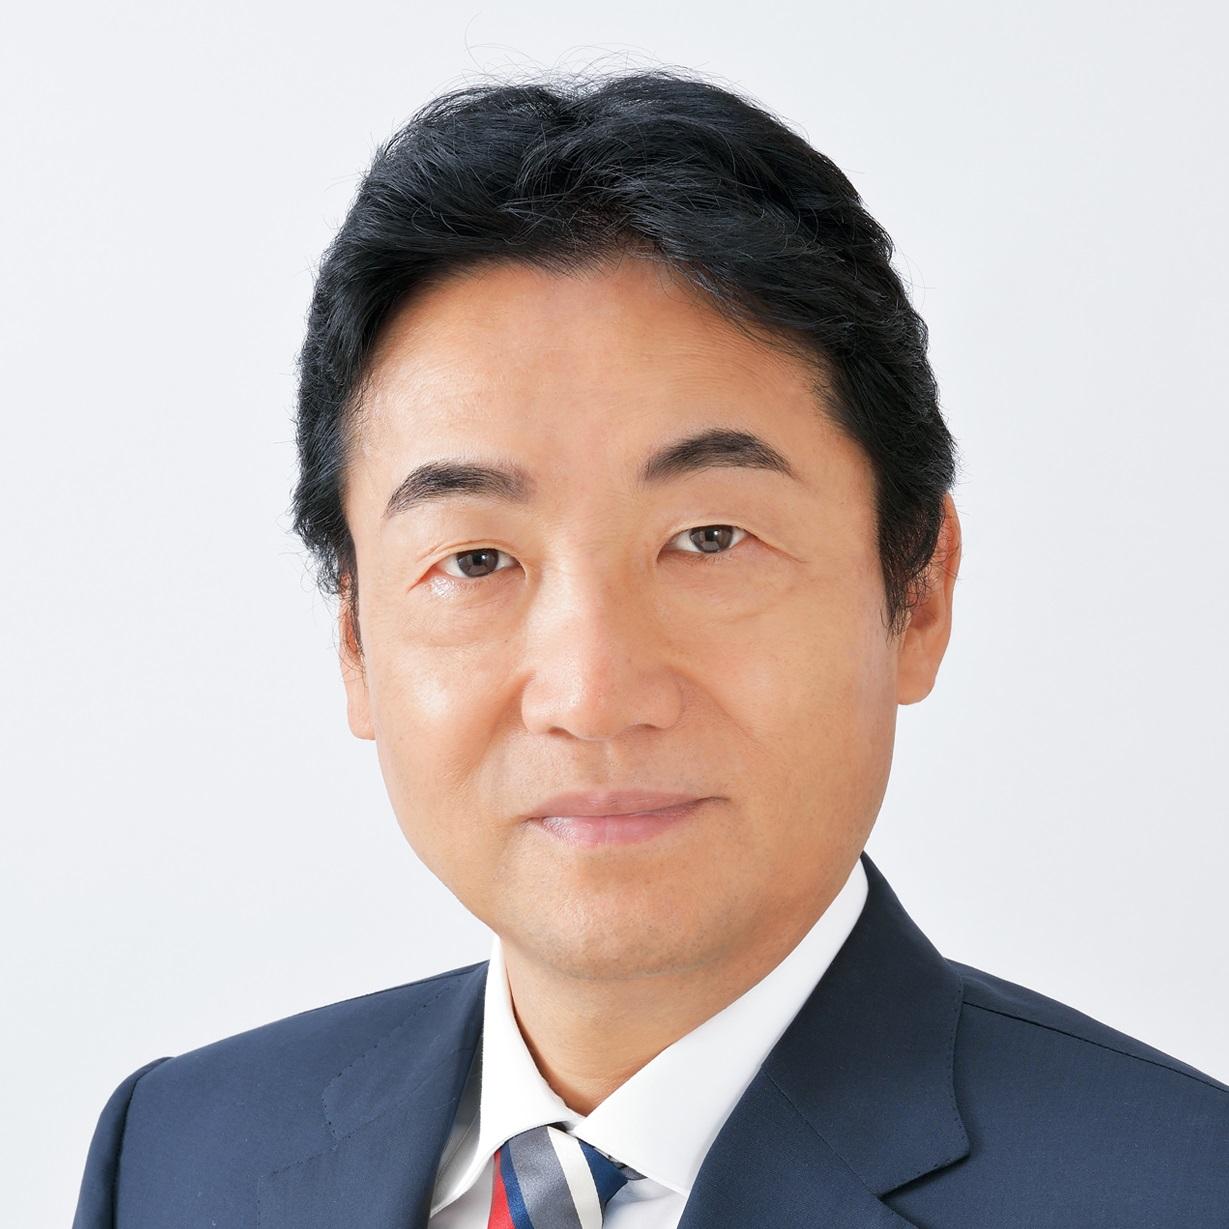 野田義和さん(大阪府・東大阪市長)